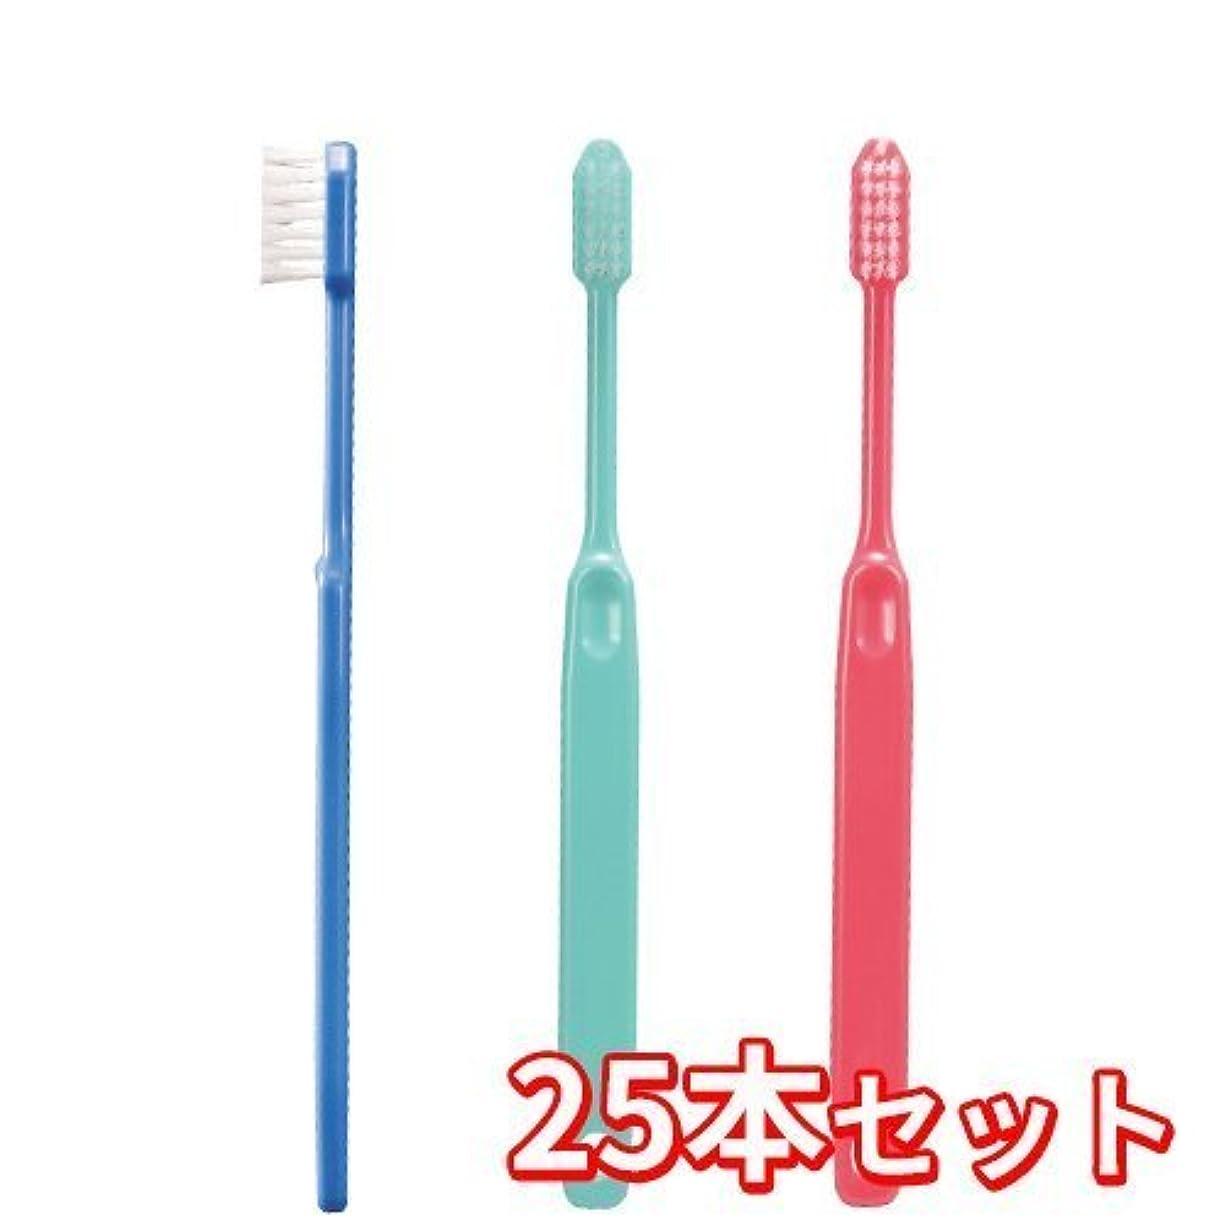 欠席クレジット眠っているCiメディカル 歯ブラシ コンパクトヘッド 疎毛タイプ アソート 25本 (Ci25(やわらかめ))